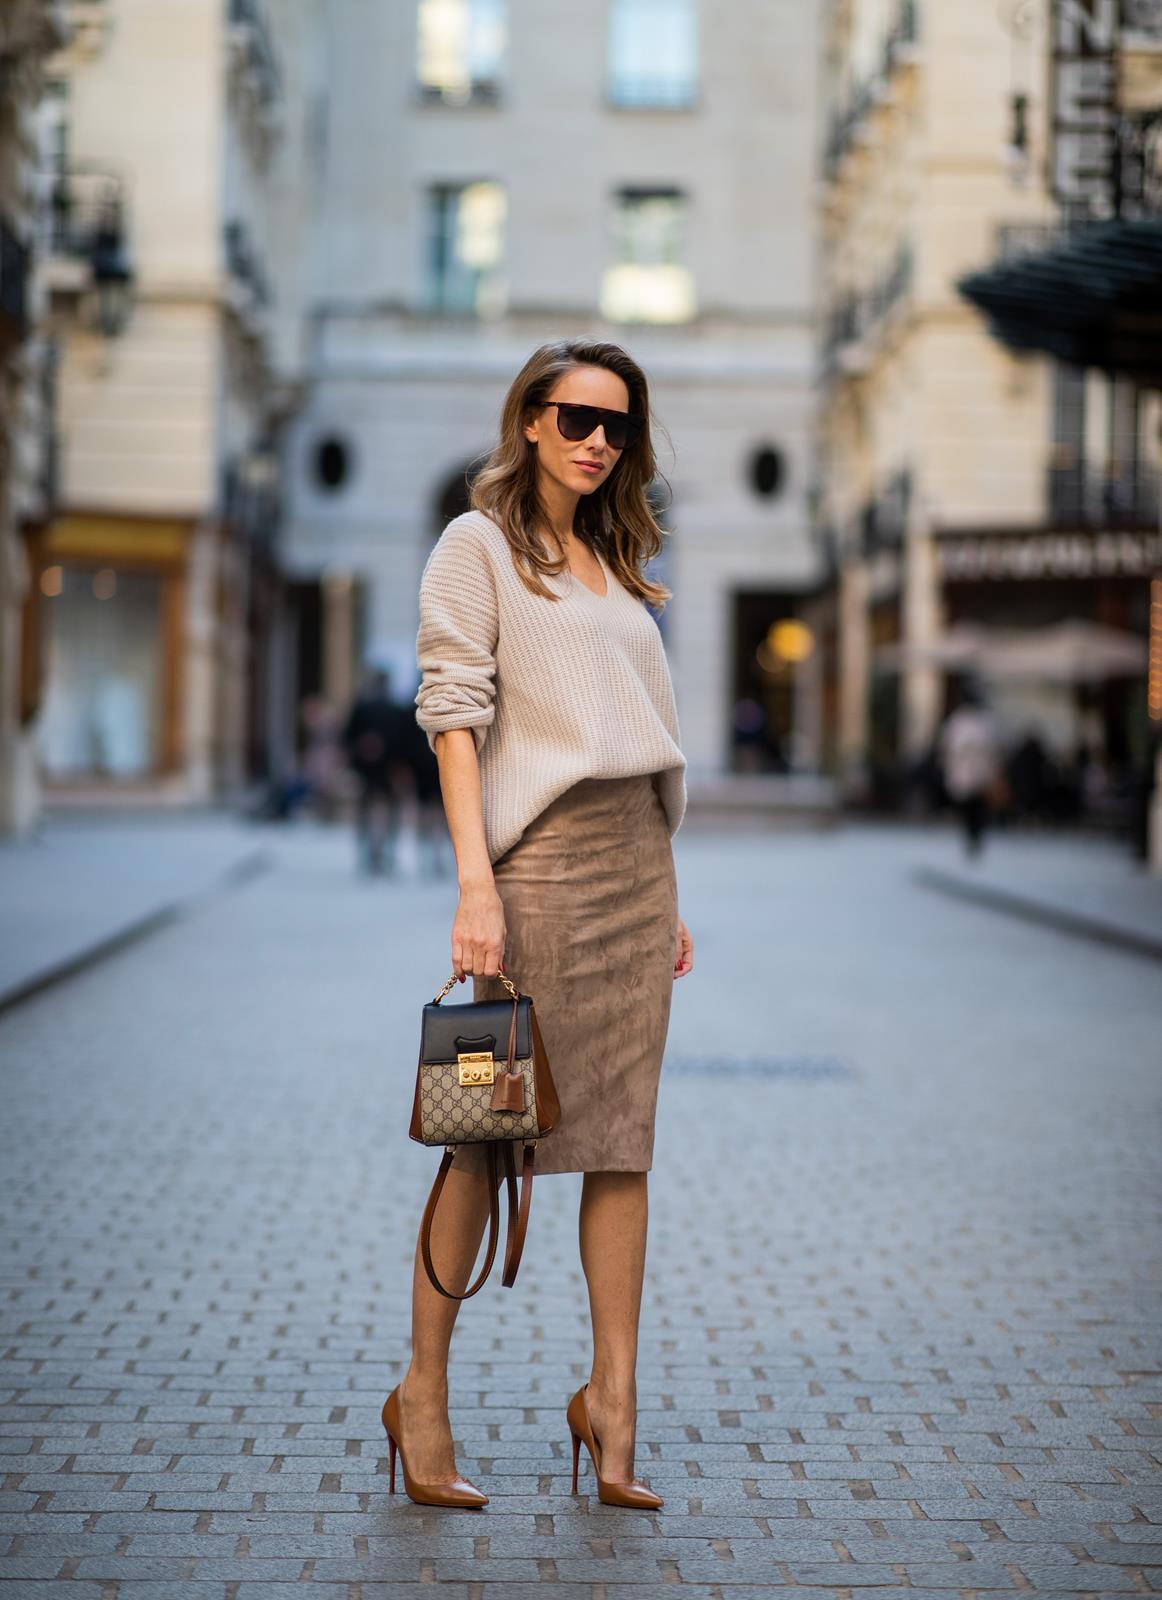 8d675e35b20d OFFICE STYLE | PENCIL SKIRT - Blog - Alexandra Lapp